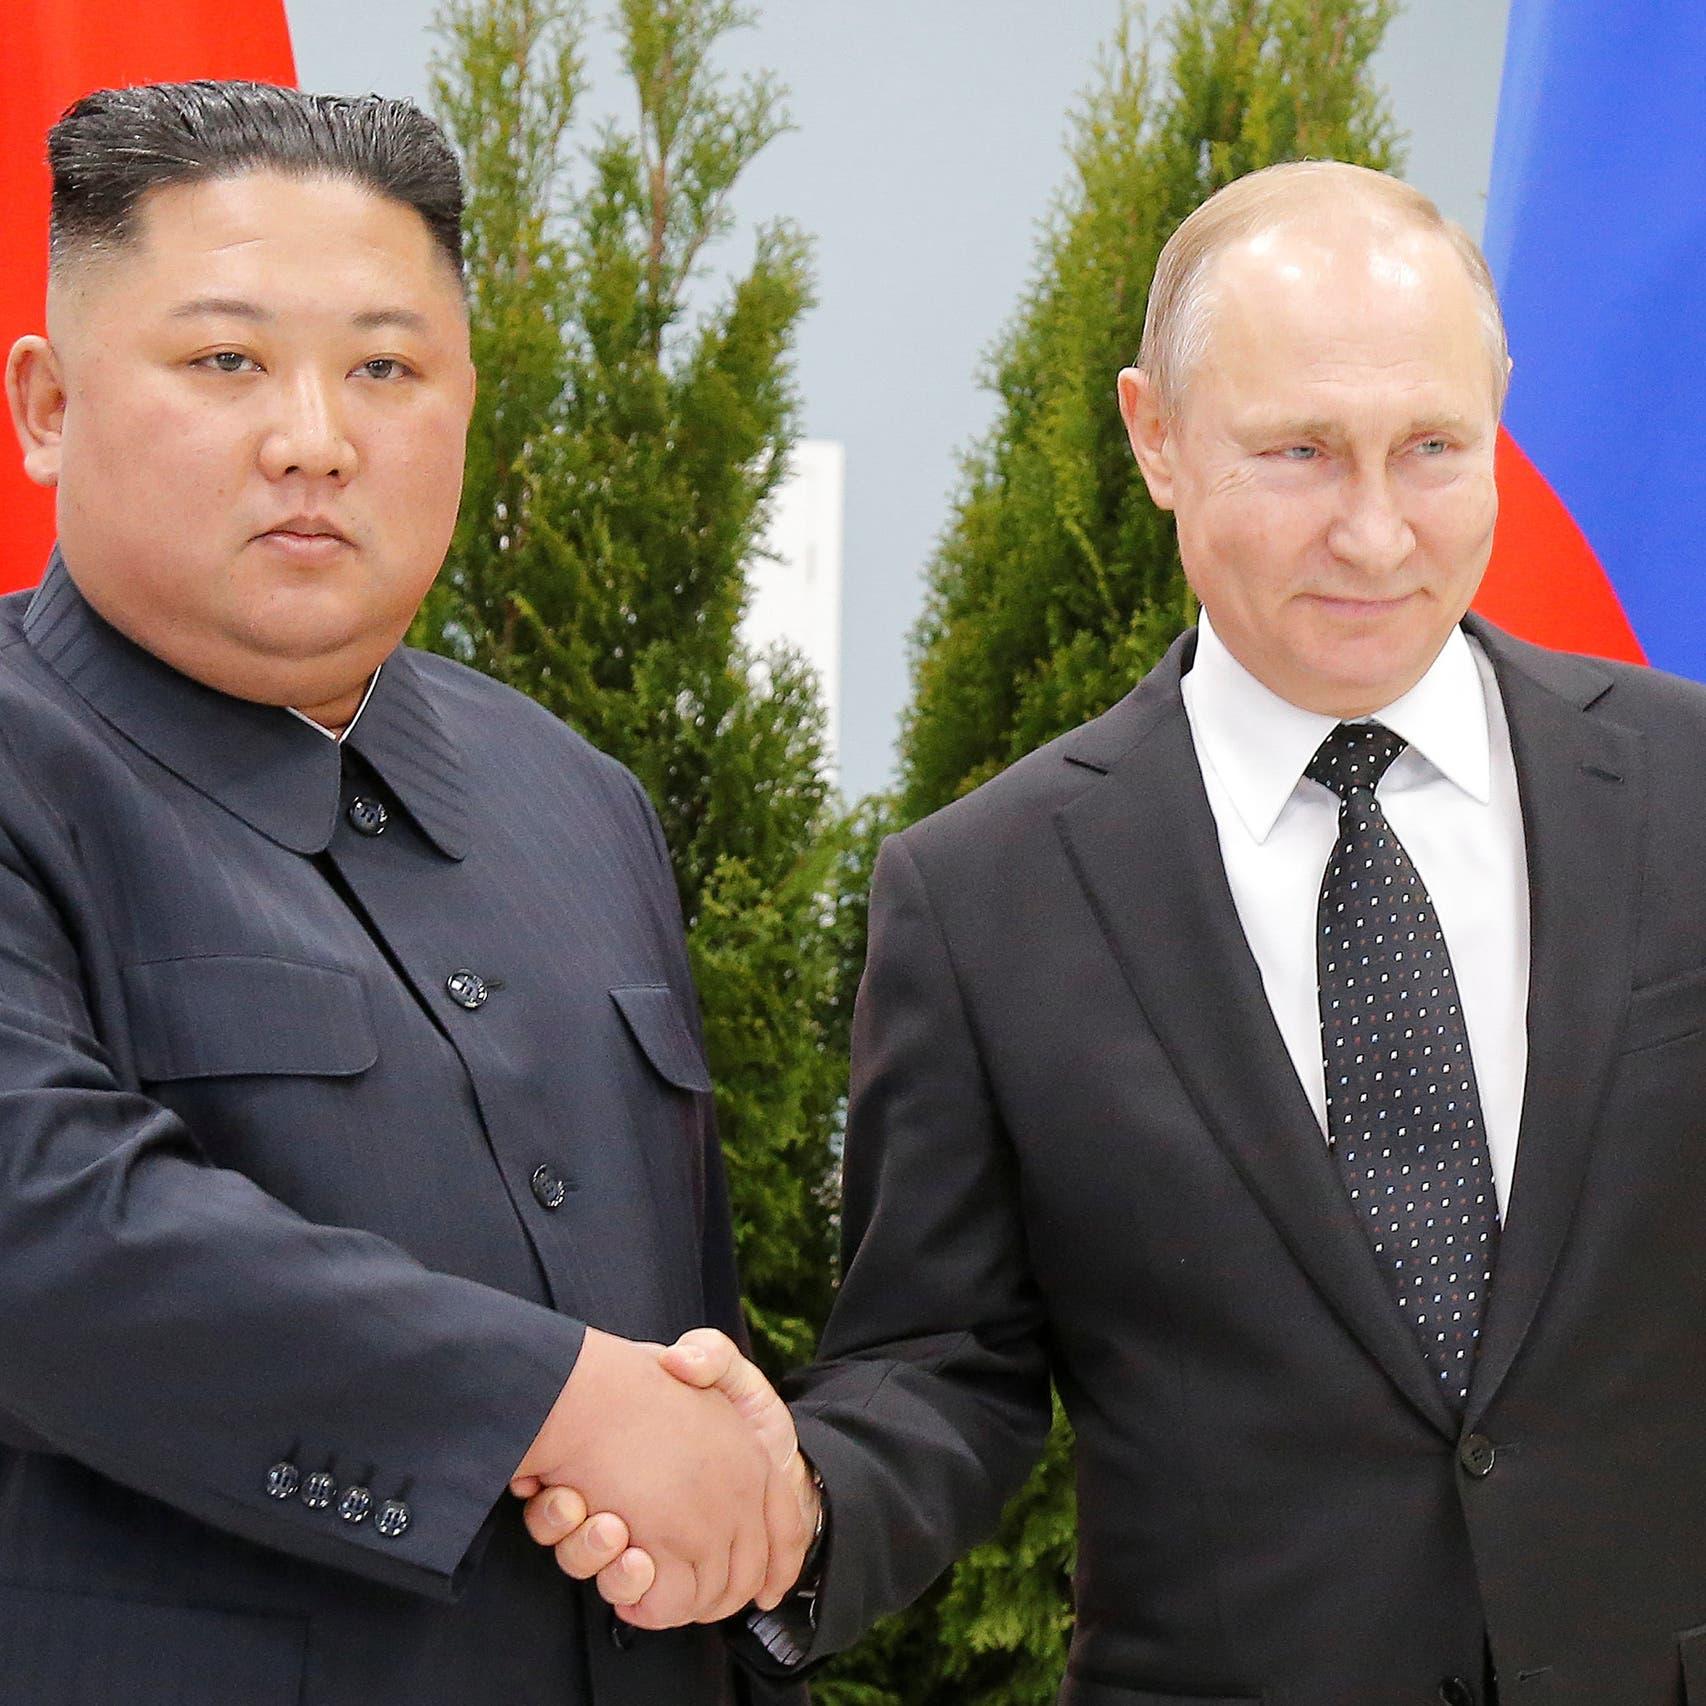 كيم بعد قمته مع بوتين: السلام يعتمد على سلوك أميركا